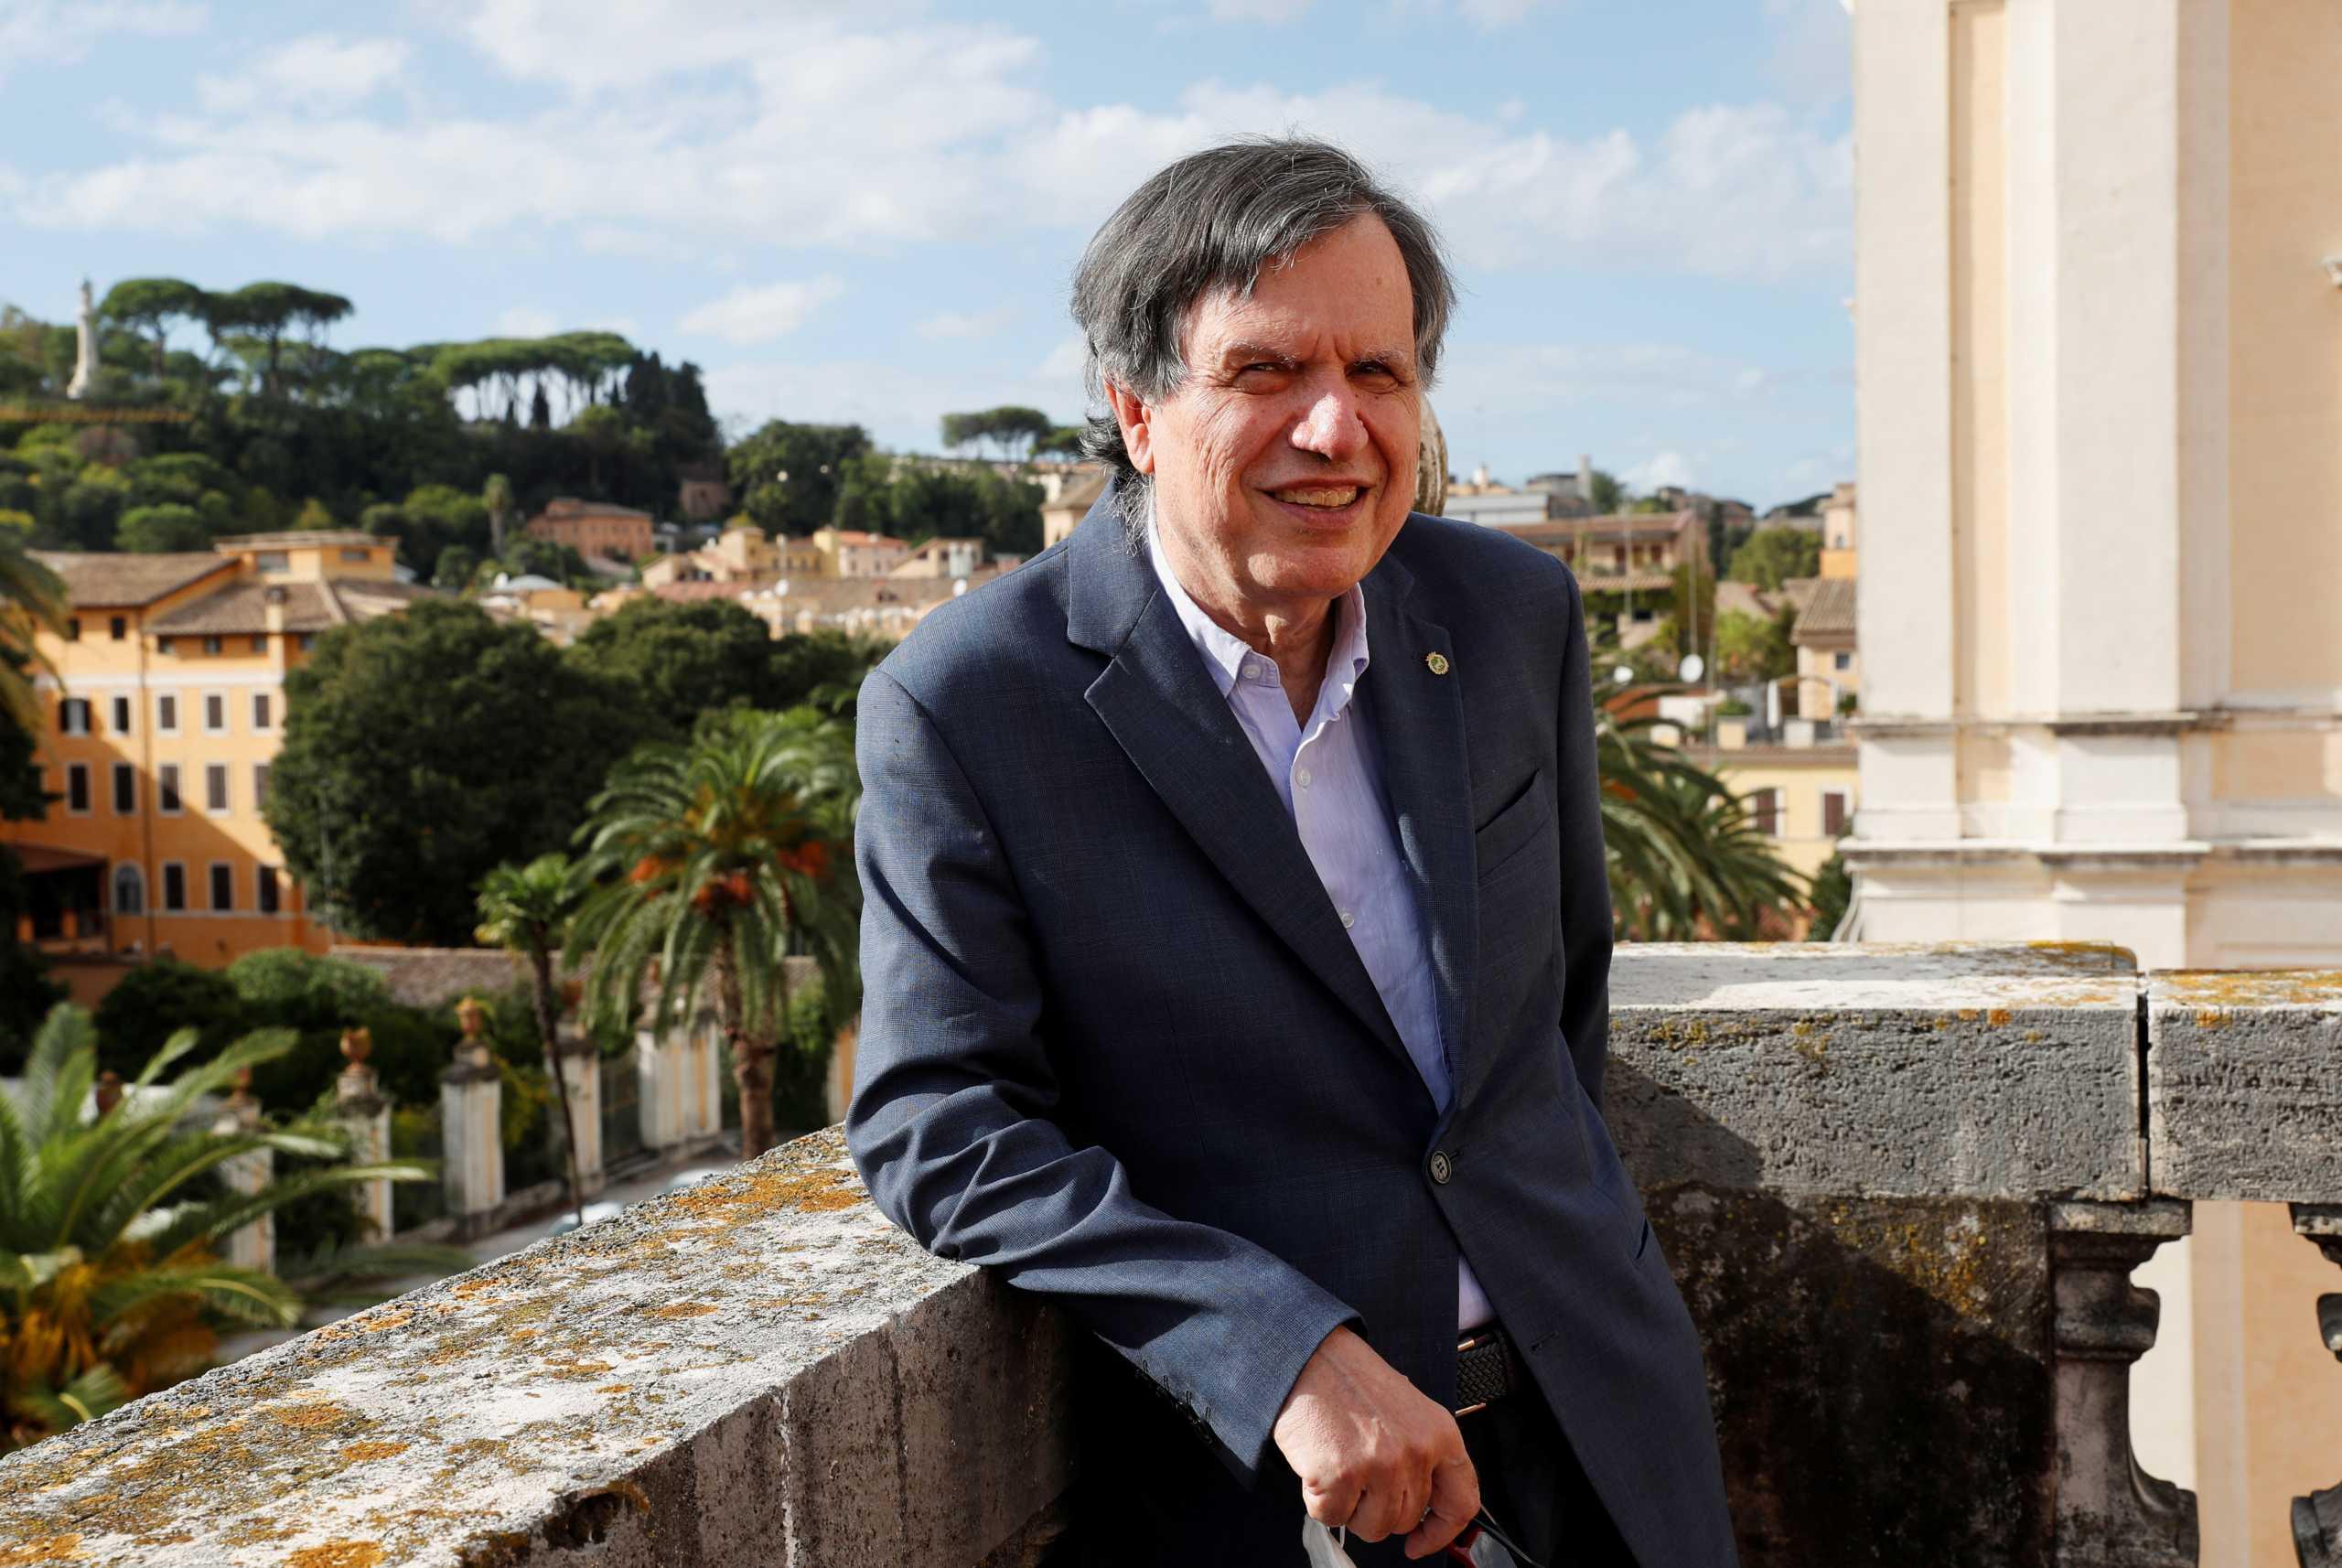 Τζόρτζιο Παρίζι: Με ελληνική μουσική χαλαρώνει ο Ιταλός φυσικός που βραβεύτηκε με Νόμπελ